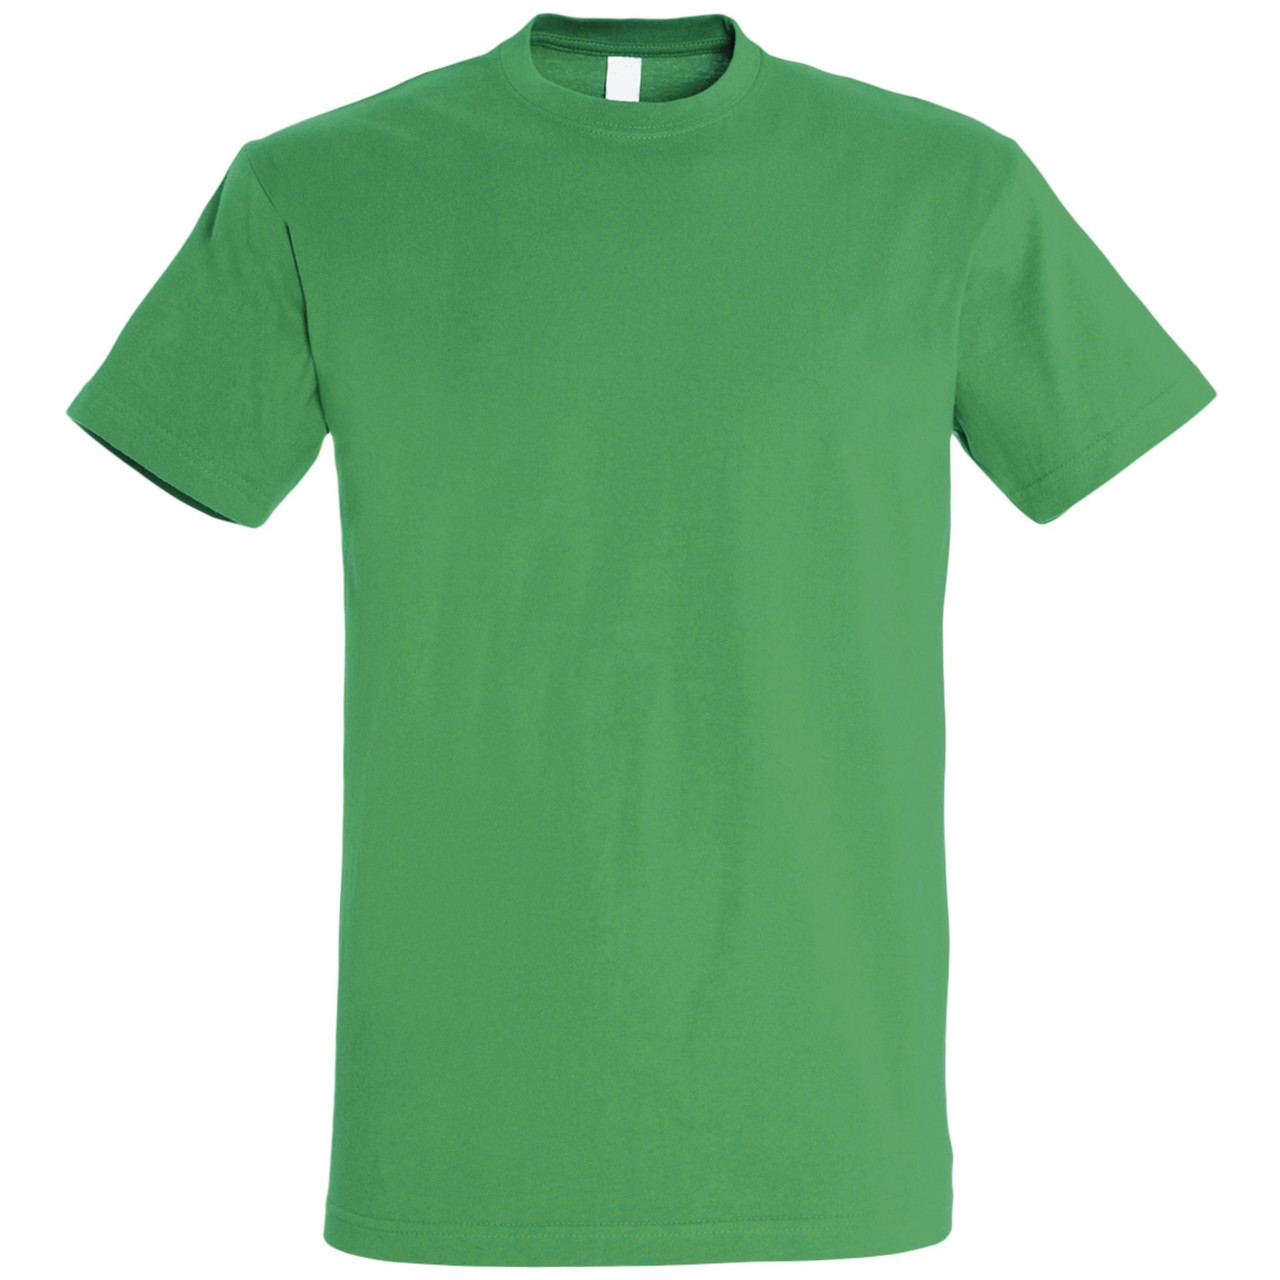 Oднотонная футболка | Зеленая | 160 гр. | S